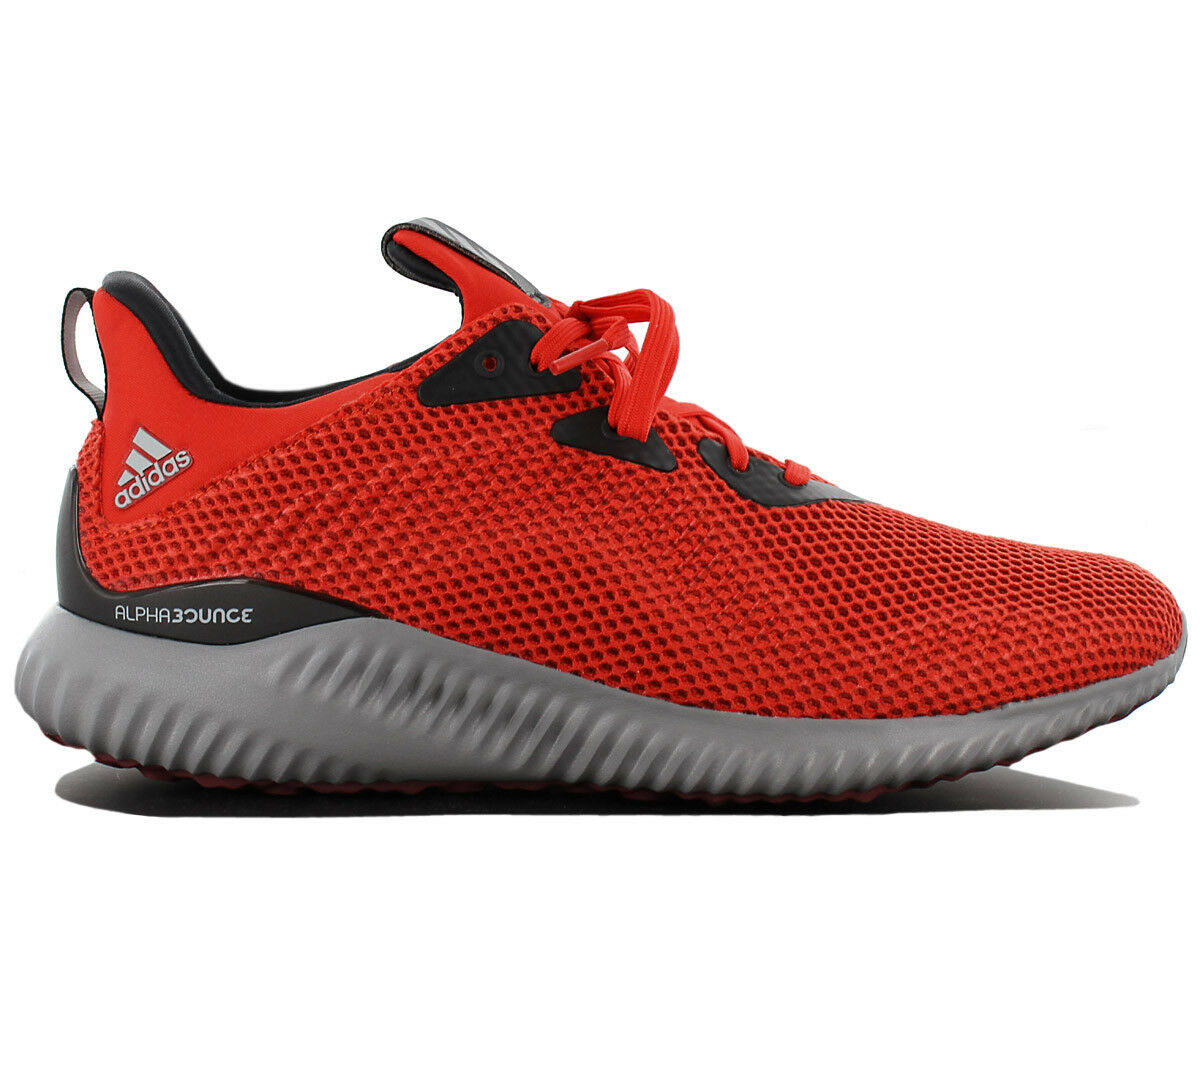 Adidas AlphaBounce 1m hombre zapatillas zapatos de correr Rojo Bounce zapatos zapatillas bw1220 1 baratos zapatos de mujer zapatos de mujer c5706e